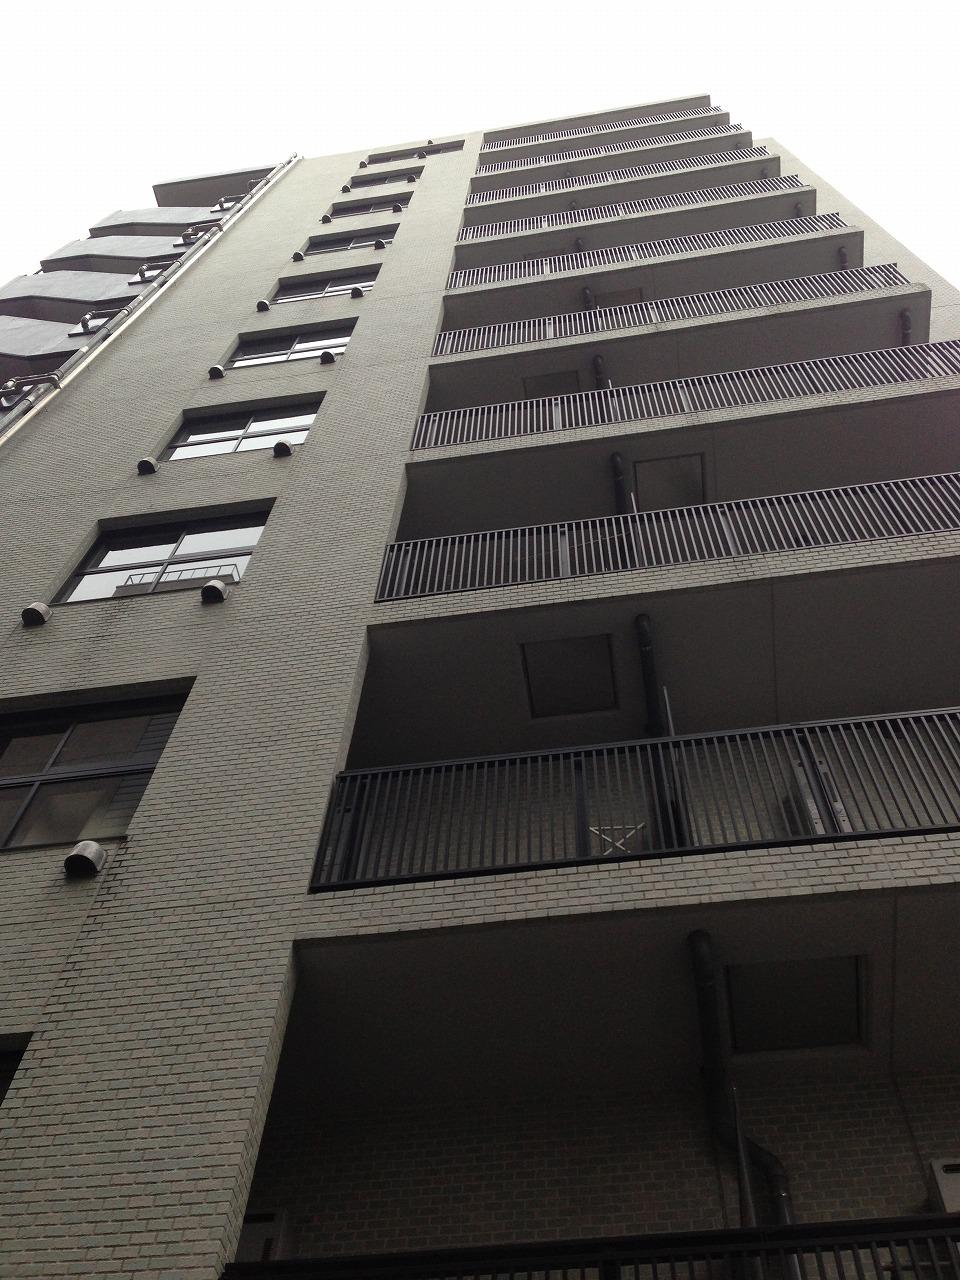 アパートメンツ南池袋の外観・共用部の画像です。